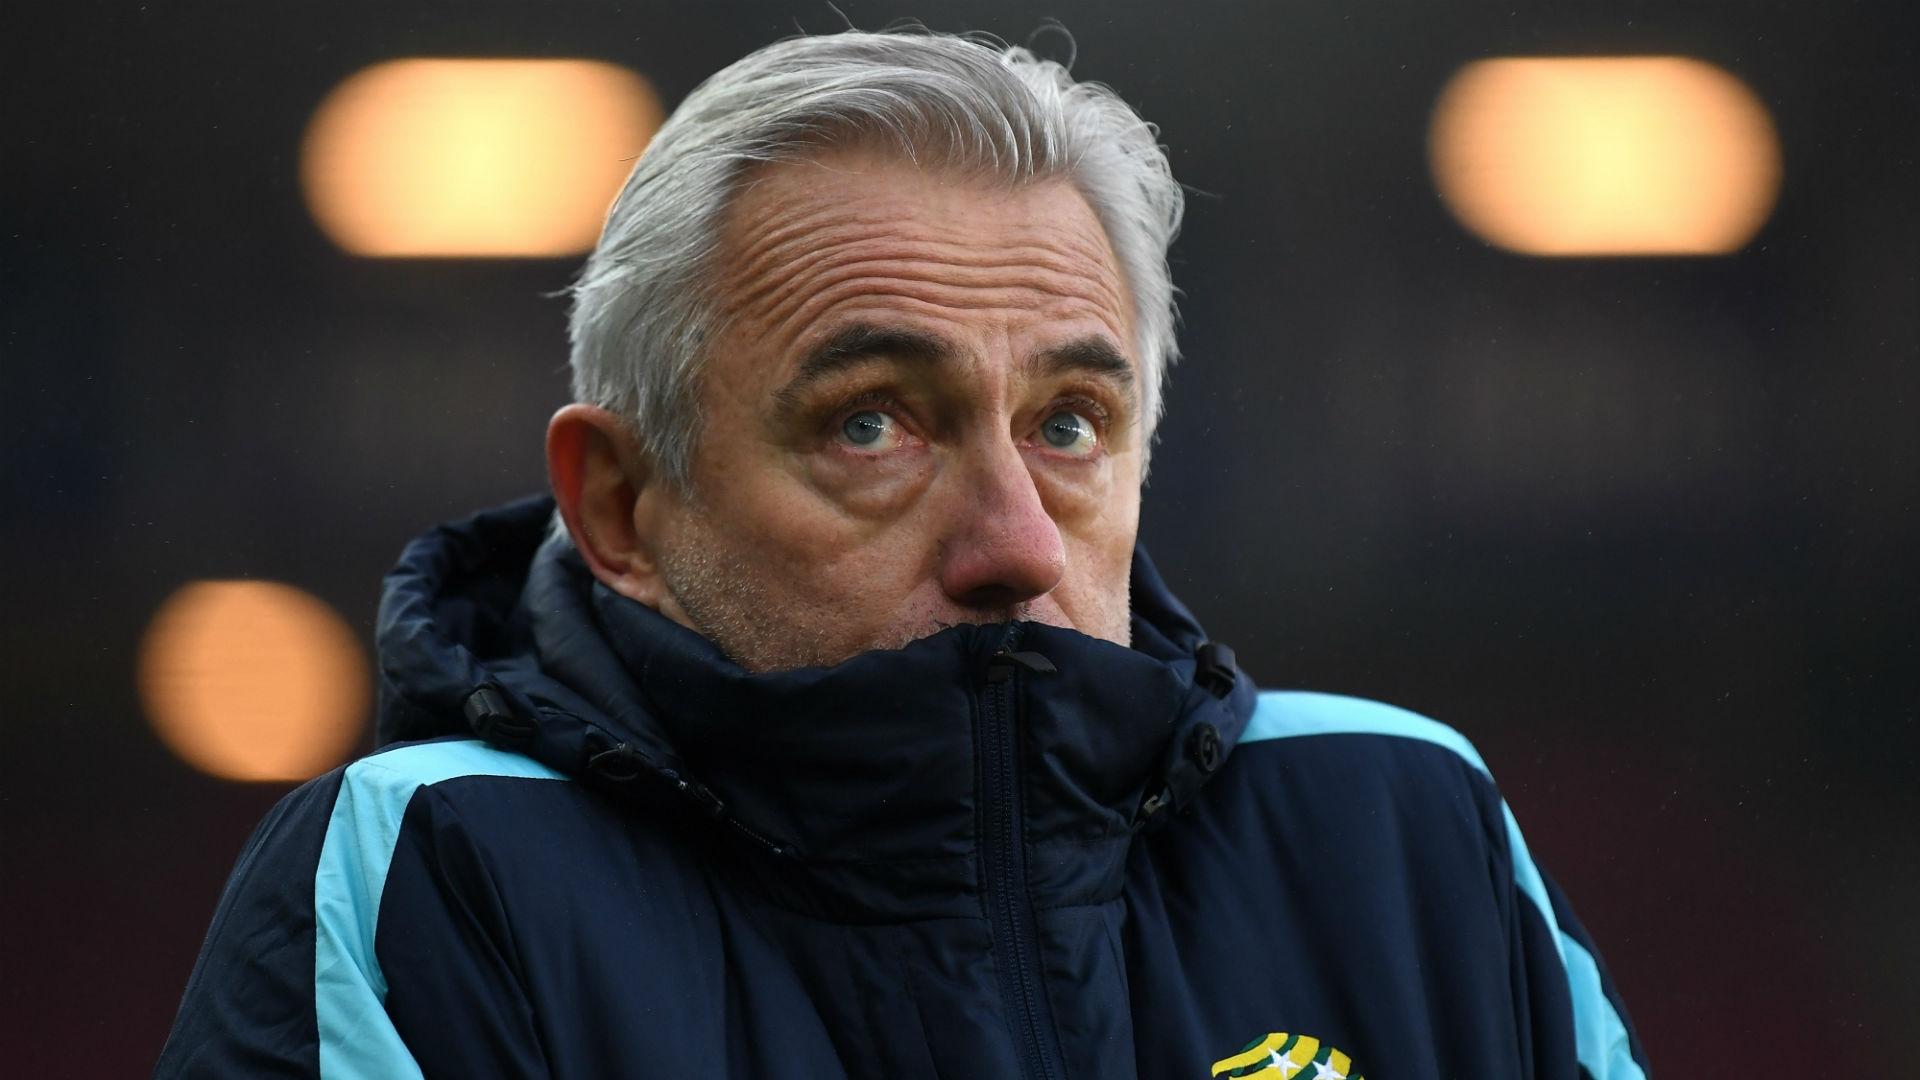 Bert van Marwijk - Australia coach